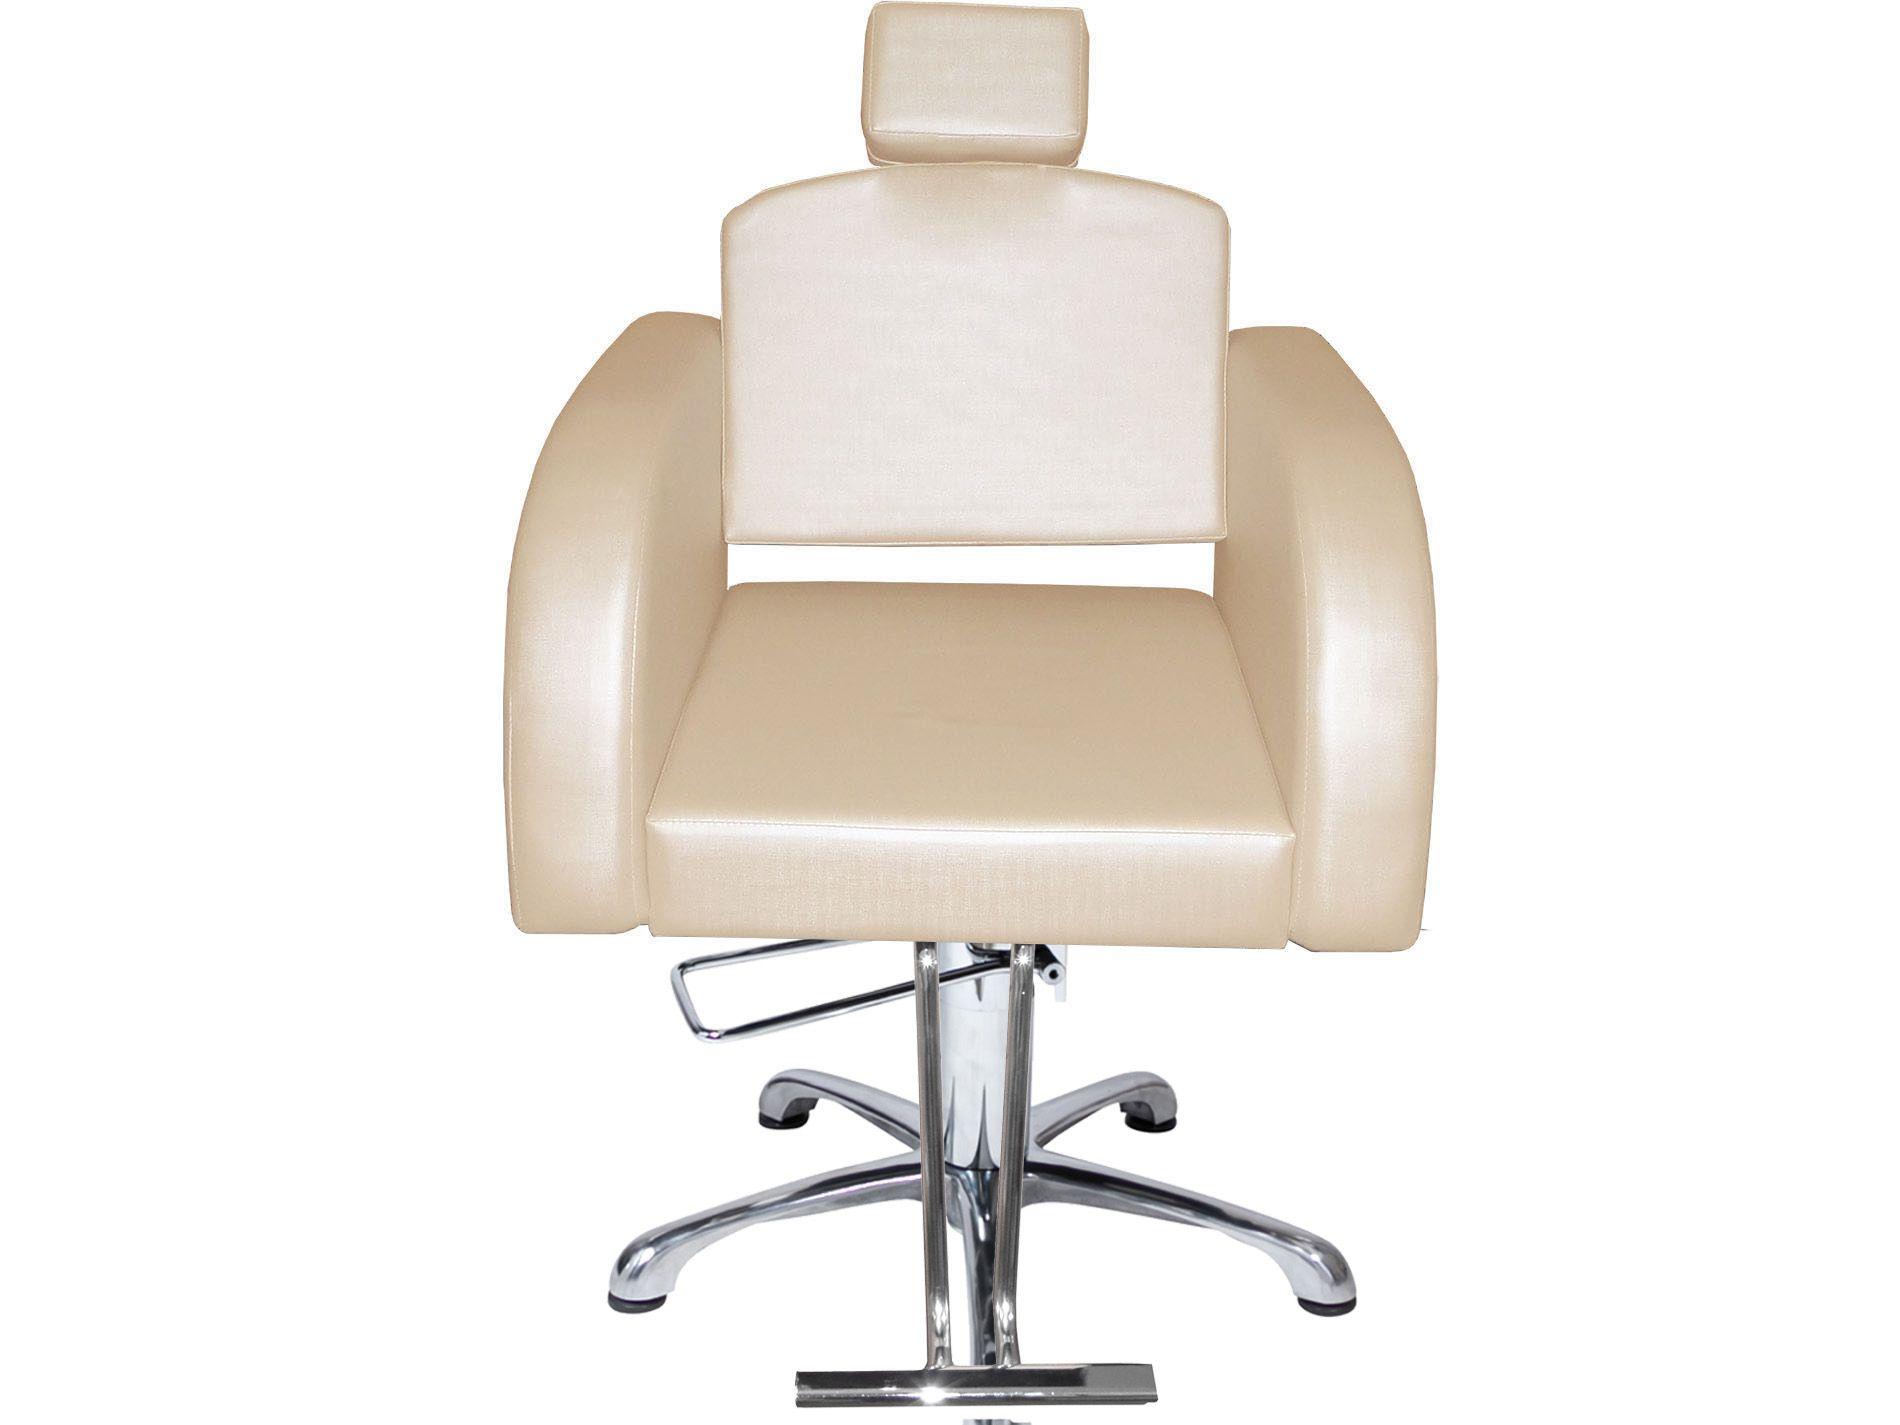 Destak Bege - Cadeira Reclinável + Cadeira Fixa + Lavatório